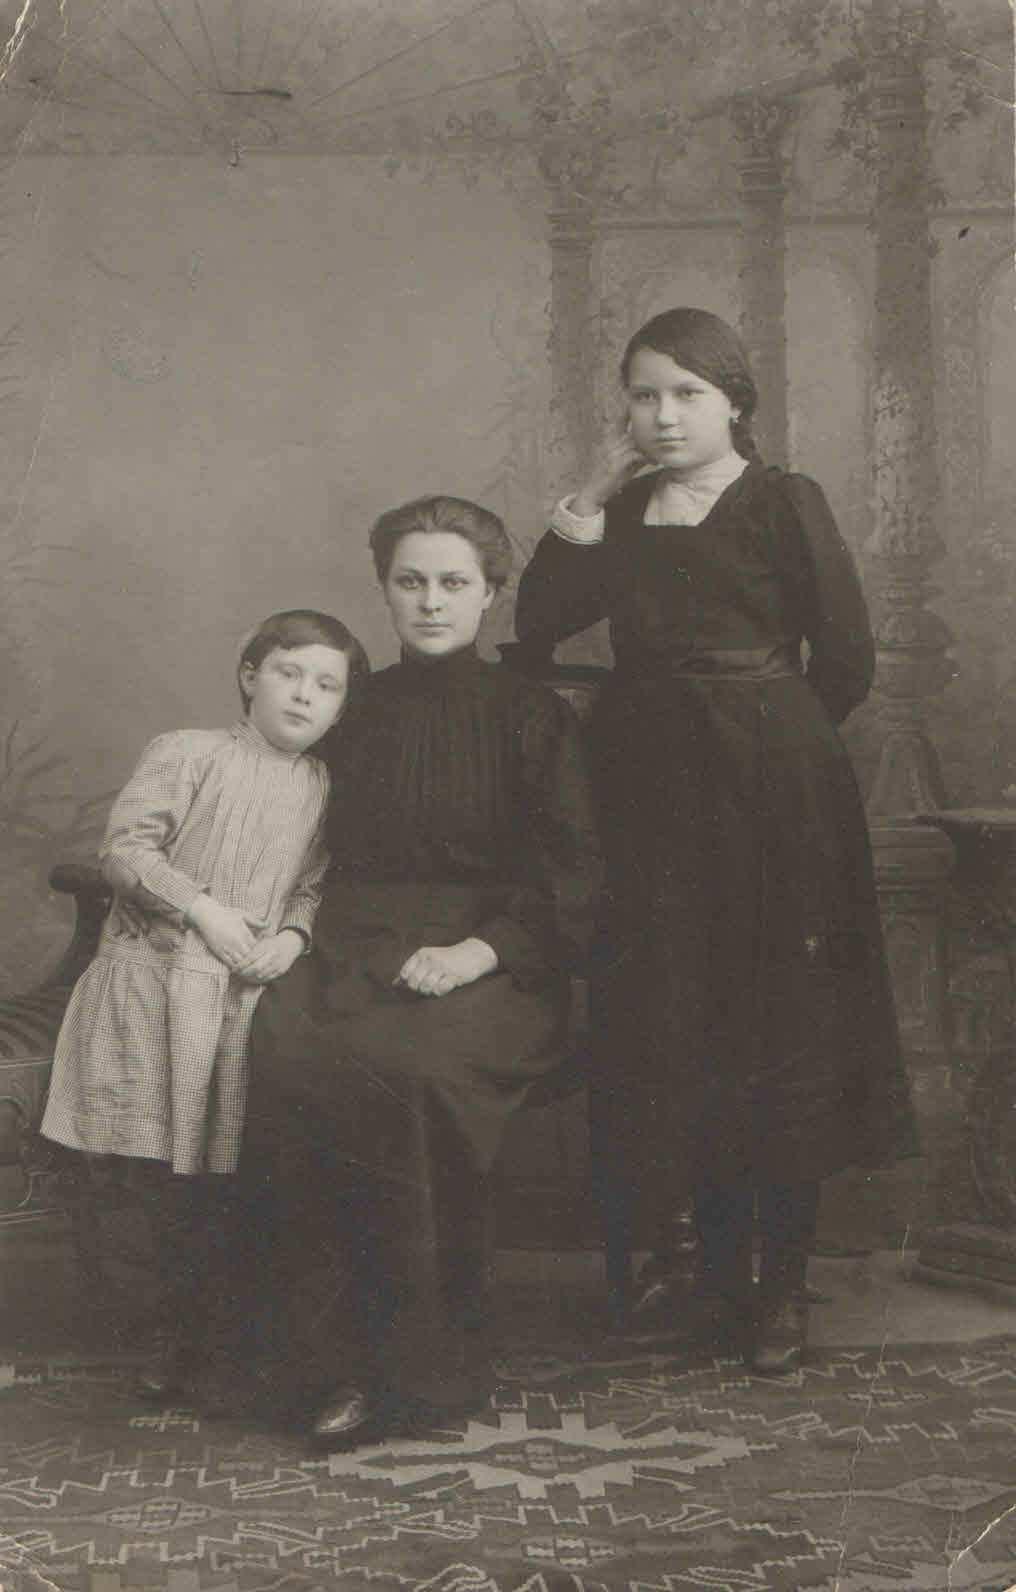 до 1931, Центрально-Черноземная область. Рядом Богомоловы Клавдия Николаевна (мать) и Антонина Александровна (дочь), а также няня. Семейный архив Геец (Богомолова) Ю.А., п.Урдома.